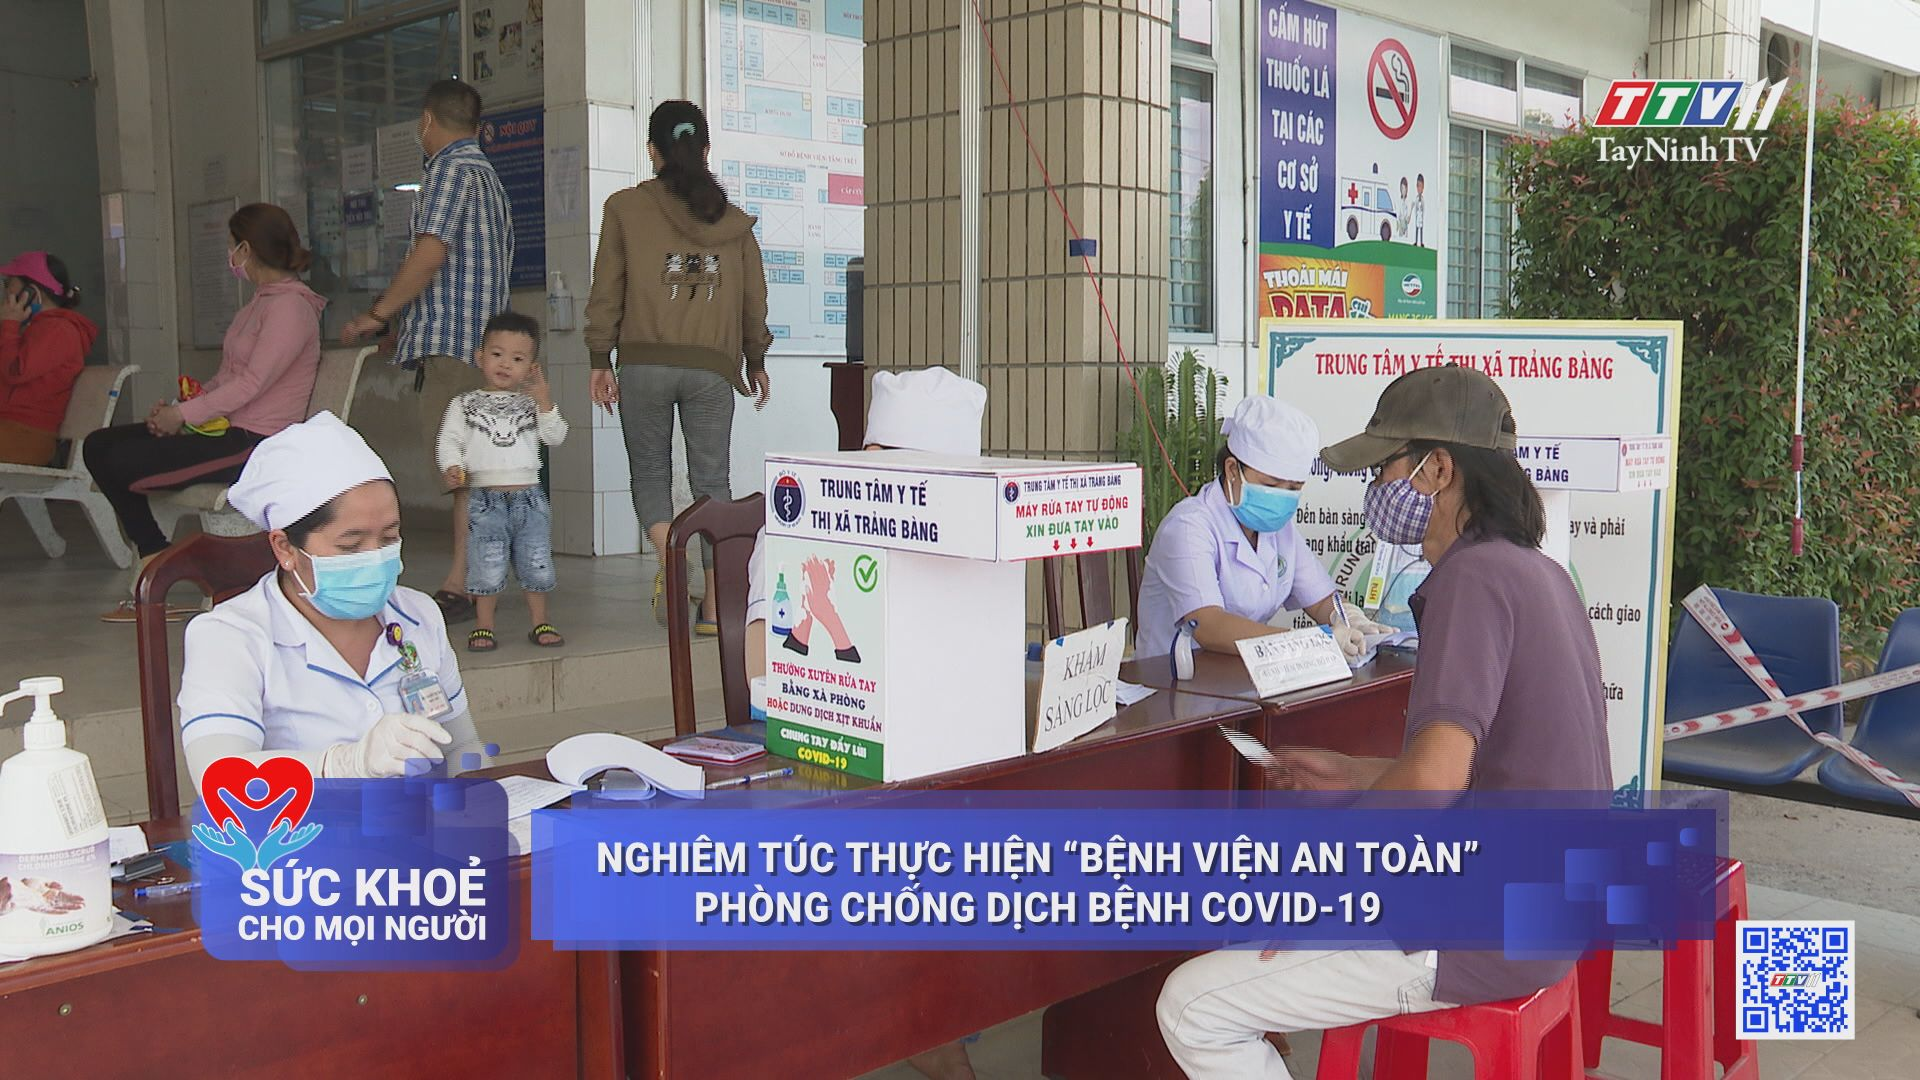 Nghiêm túc thực hiện bệnh viện an toàn phòng chống dịch bệnh Covid-19 | SỨC KHỎE CHO MỌI NGƯỜI | TayNinhTV